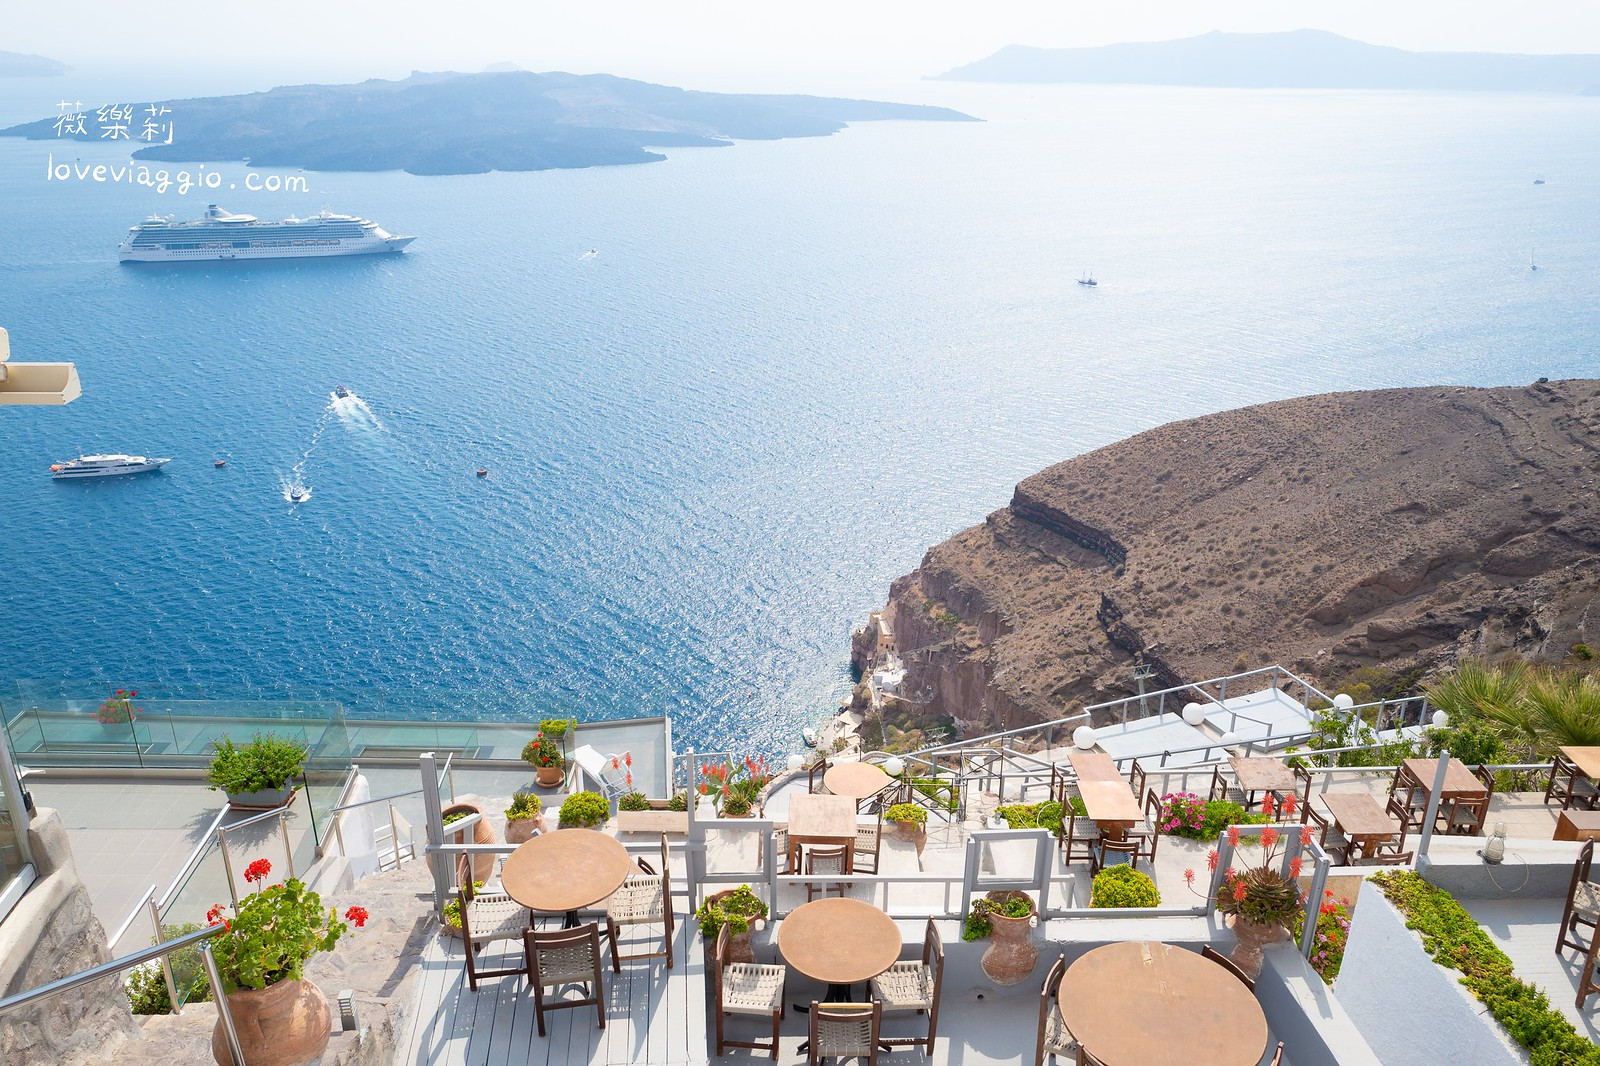 【希臘聖托里尼 Santorini】費拉Fira慢步 夢想中的藍與白 @薇樂莉 Love Viaggio | 旅行.生活.攝影